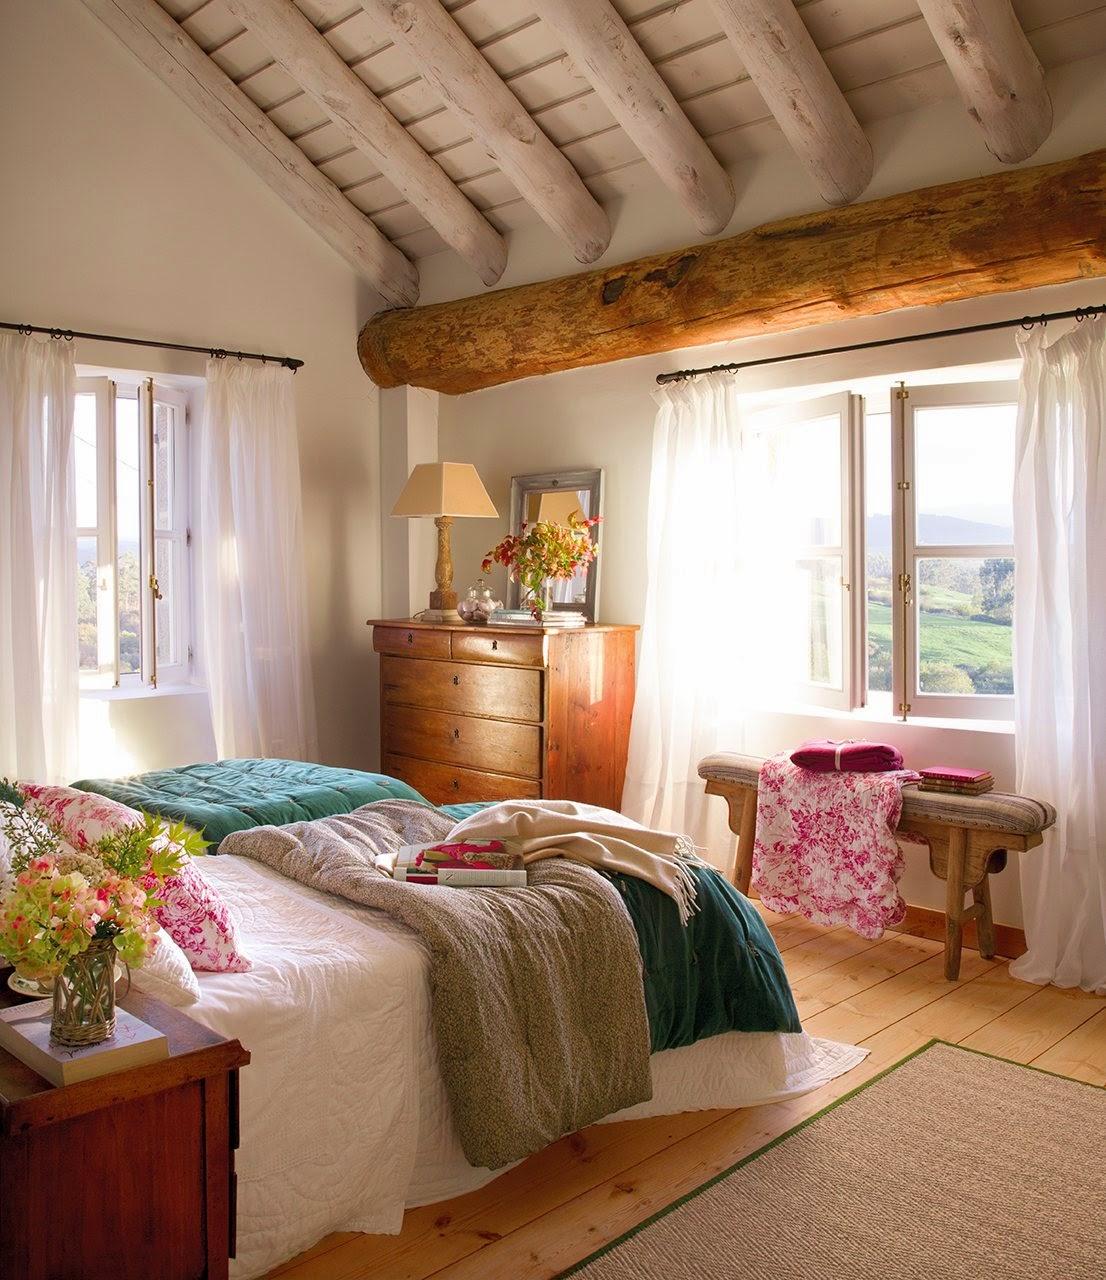 Cómo decorar una casa rústica - tejidos naturales